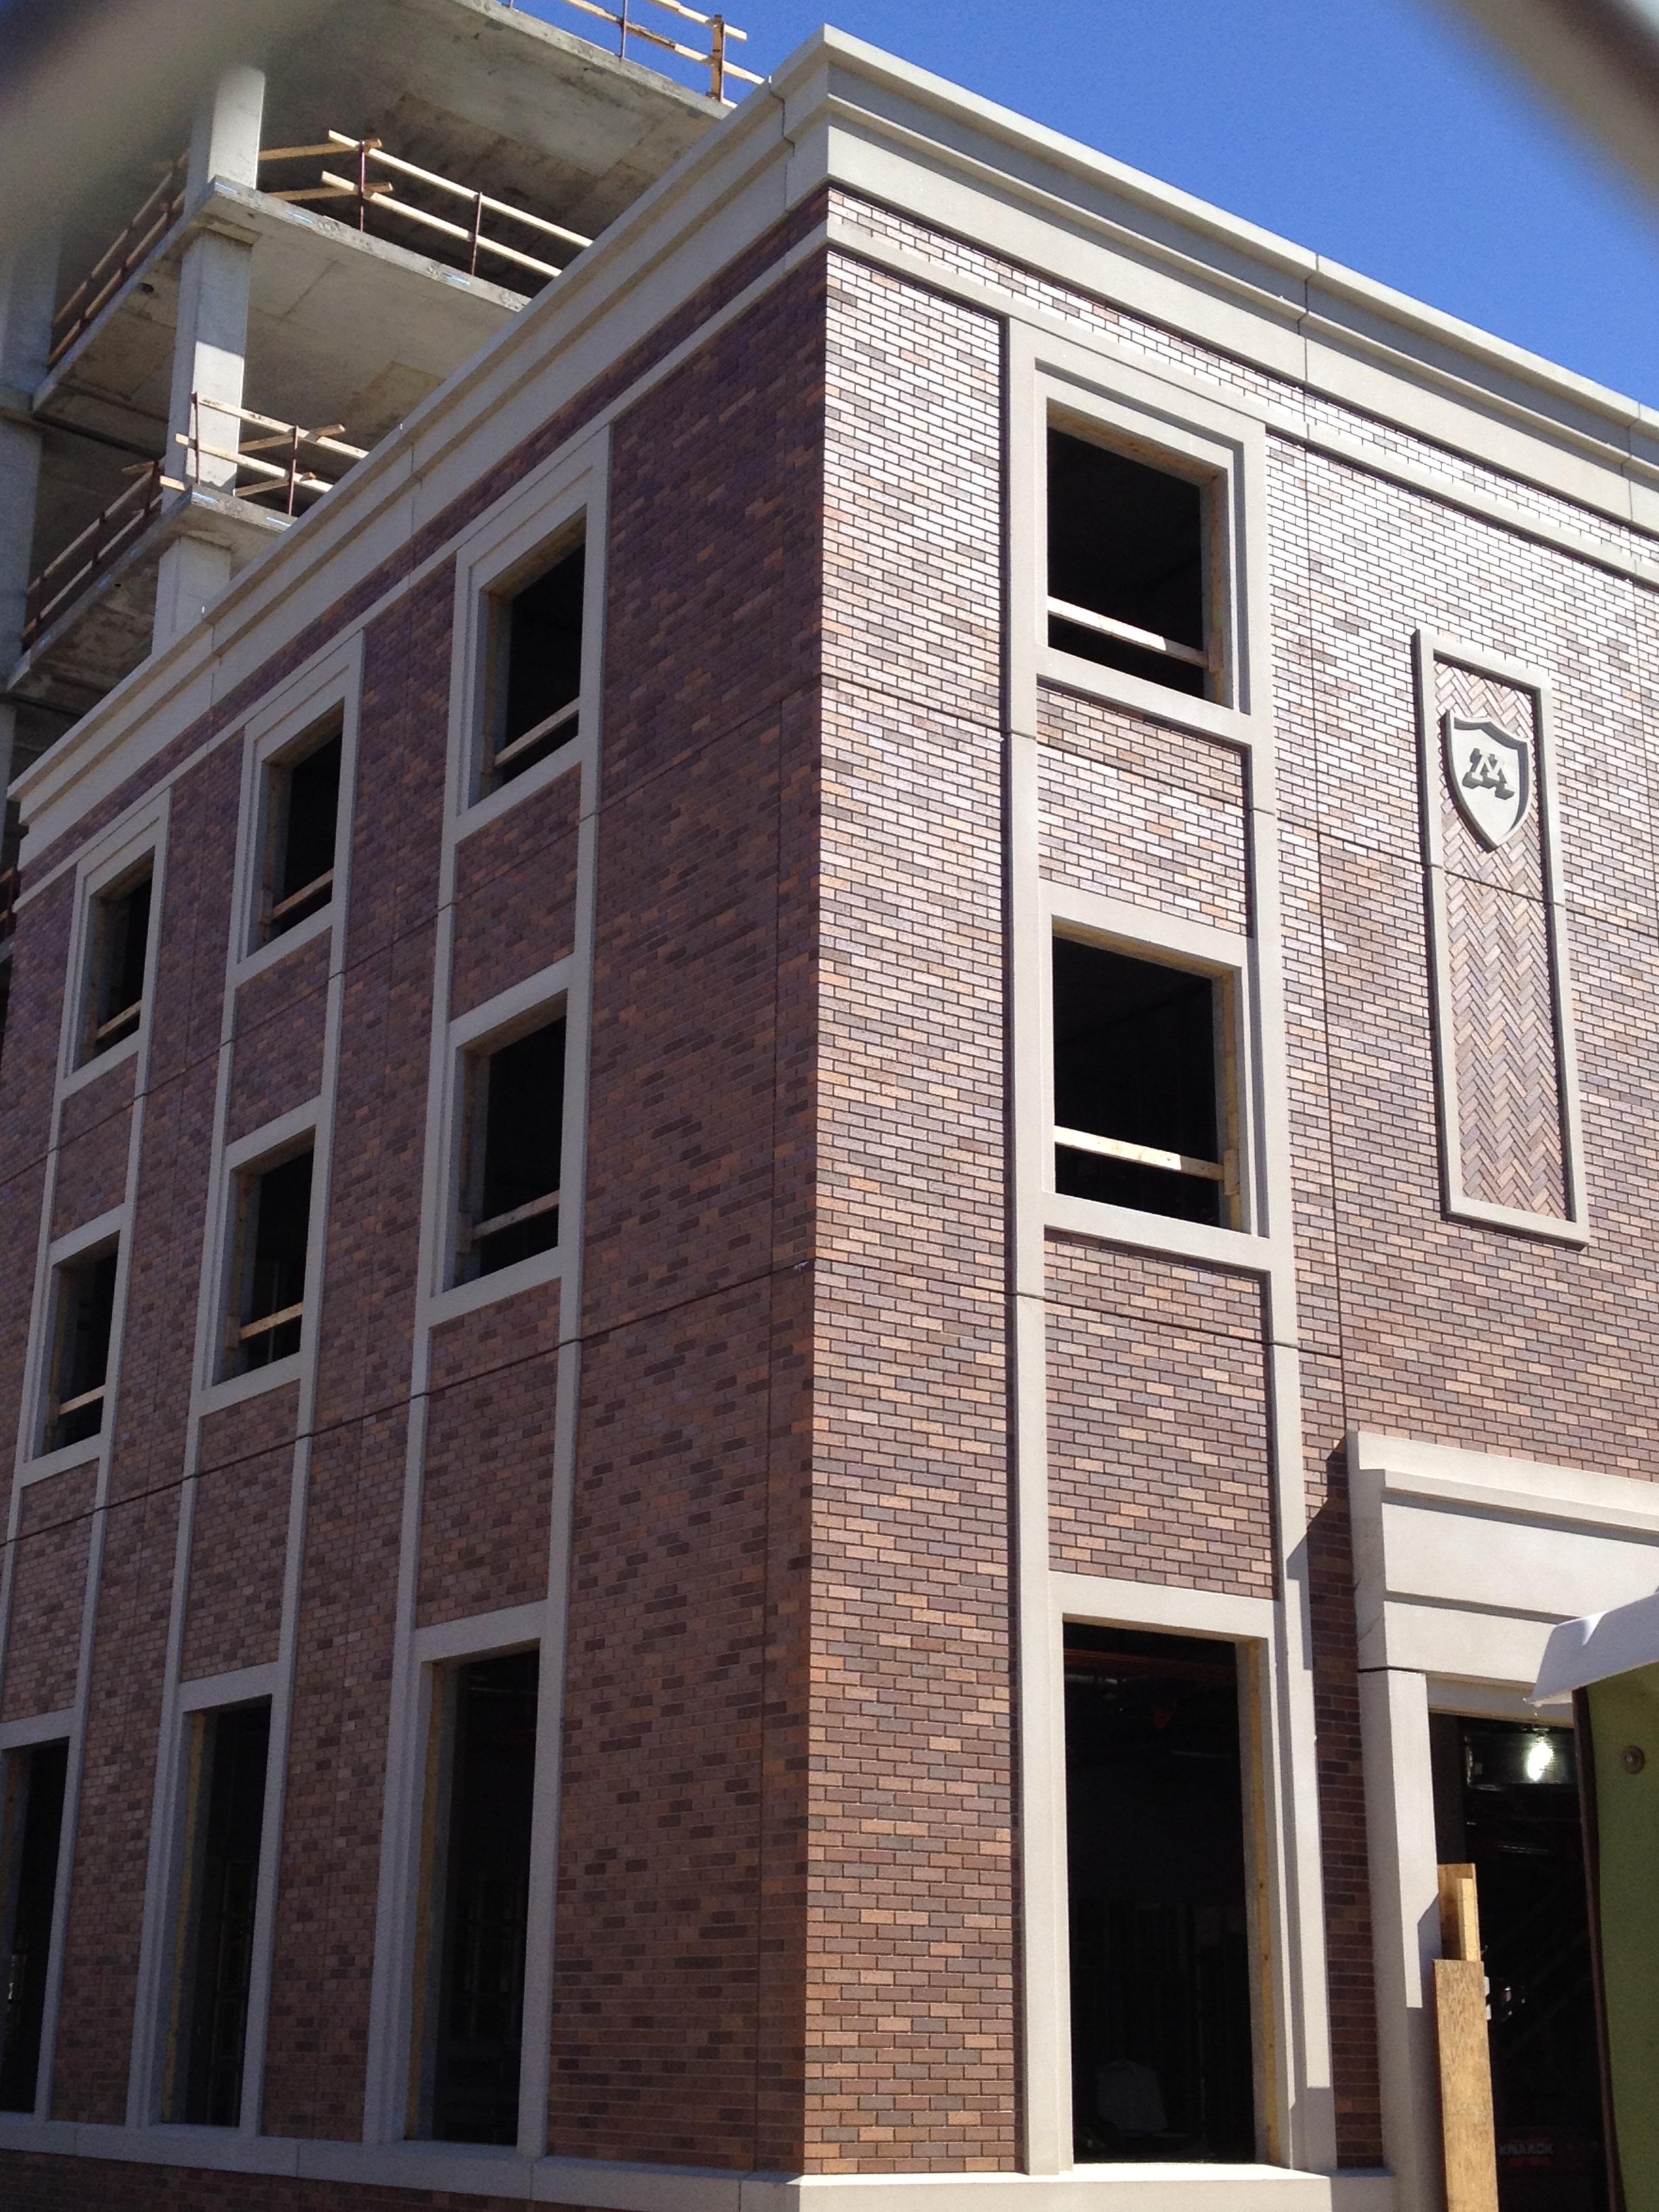 Stone Building Facade : Bricklaying and masonry